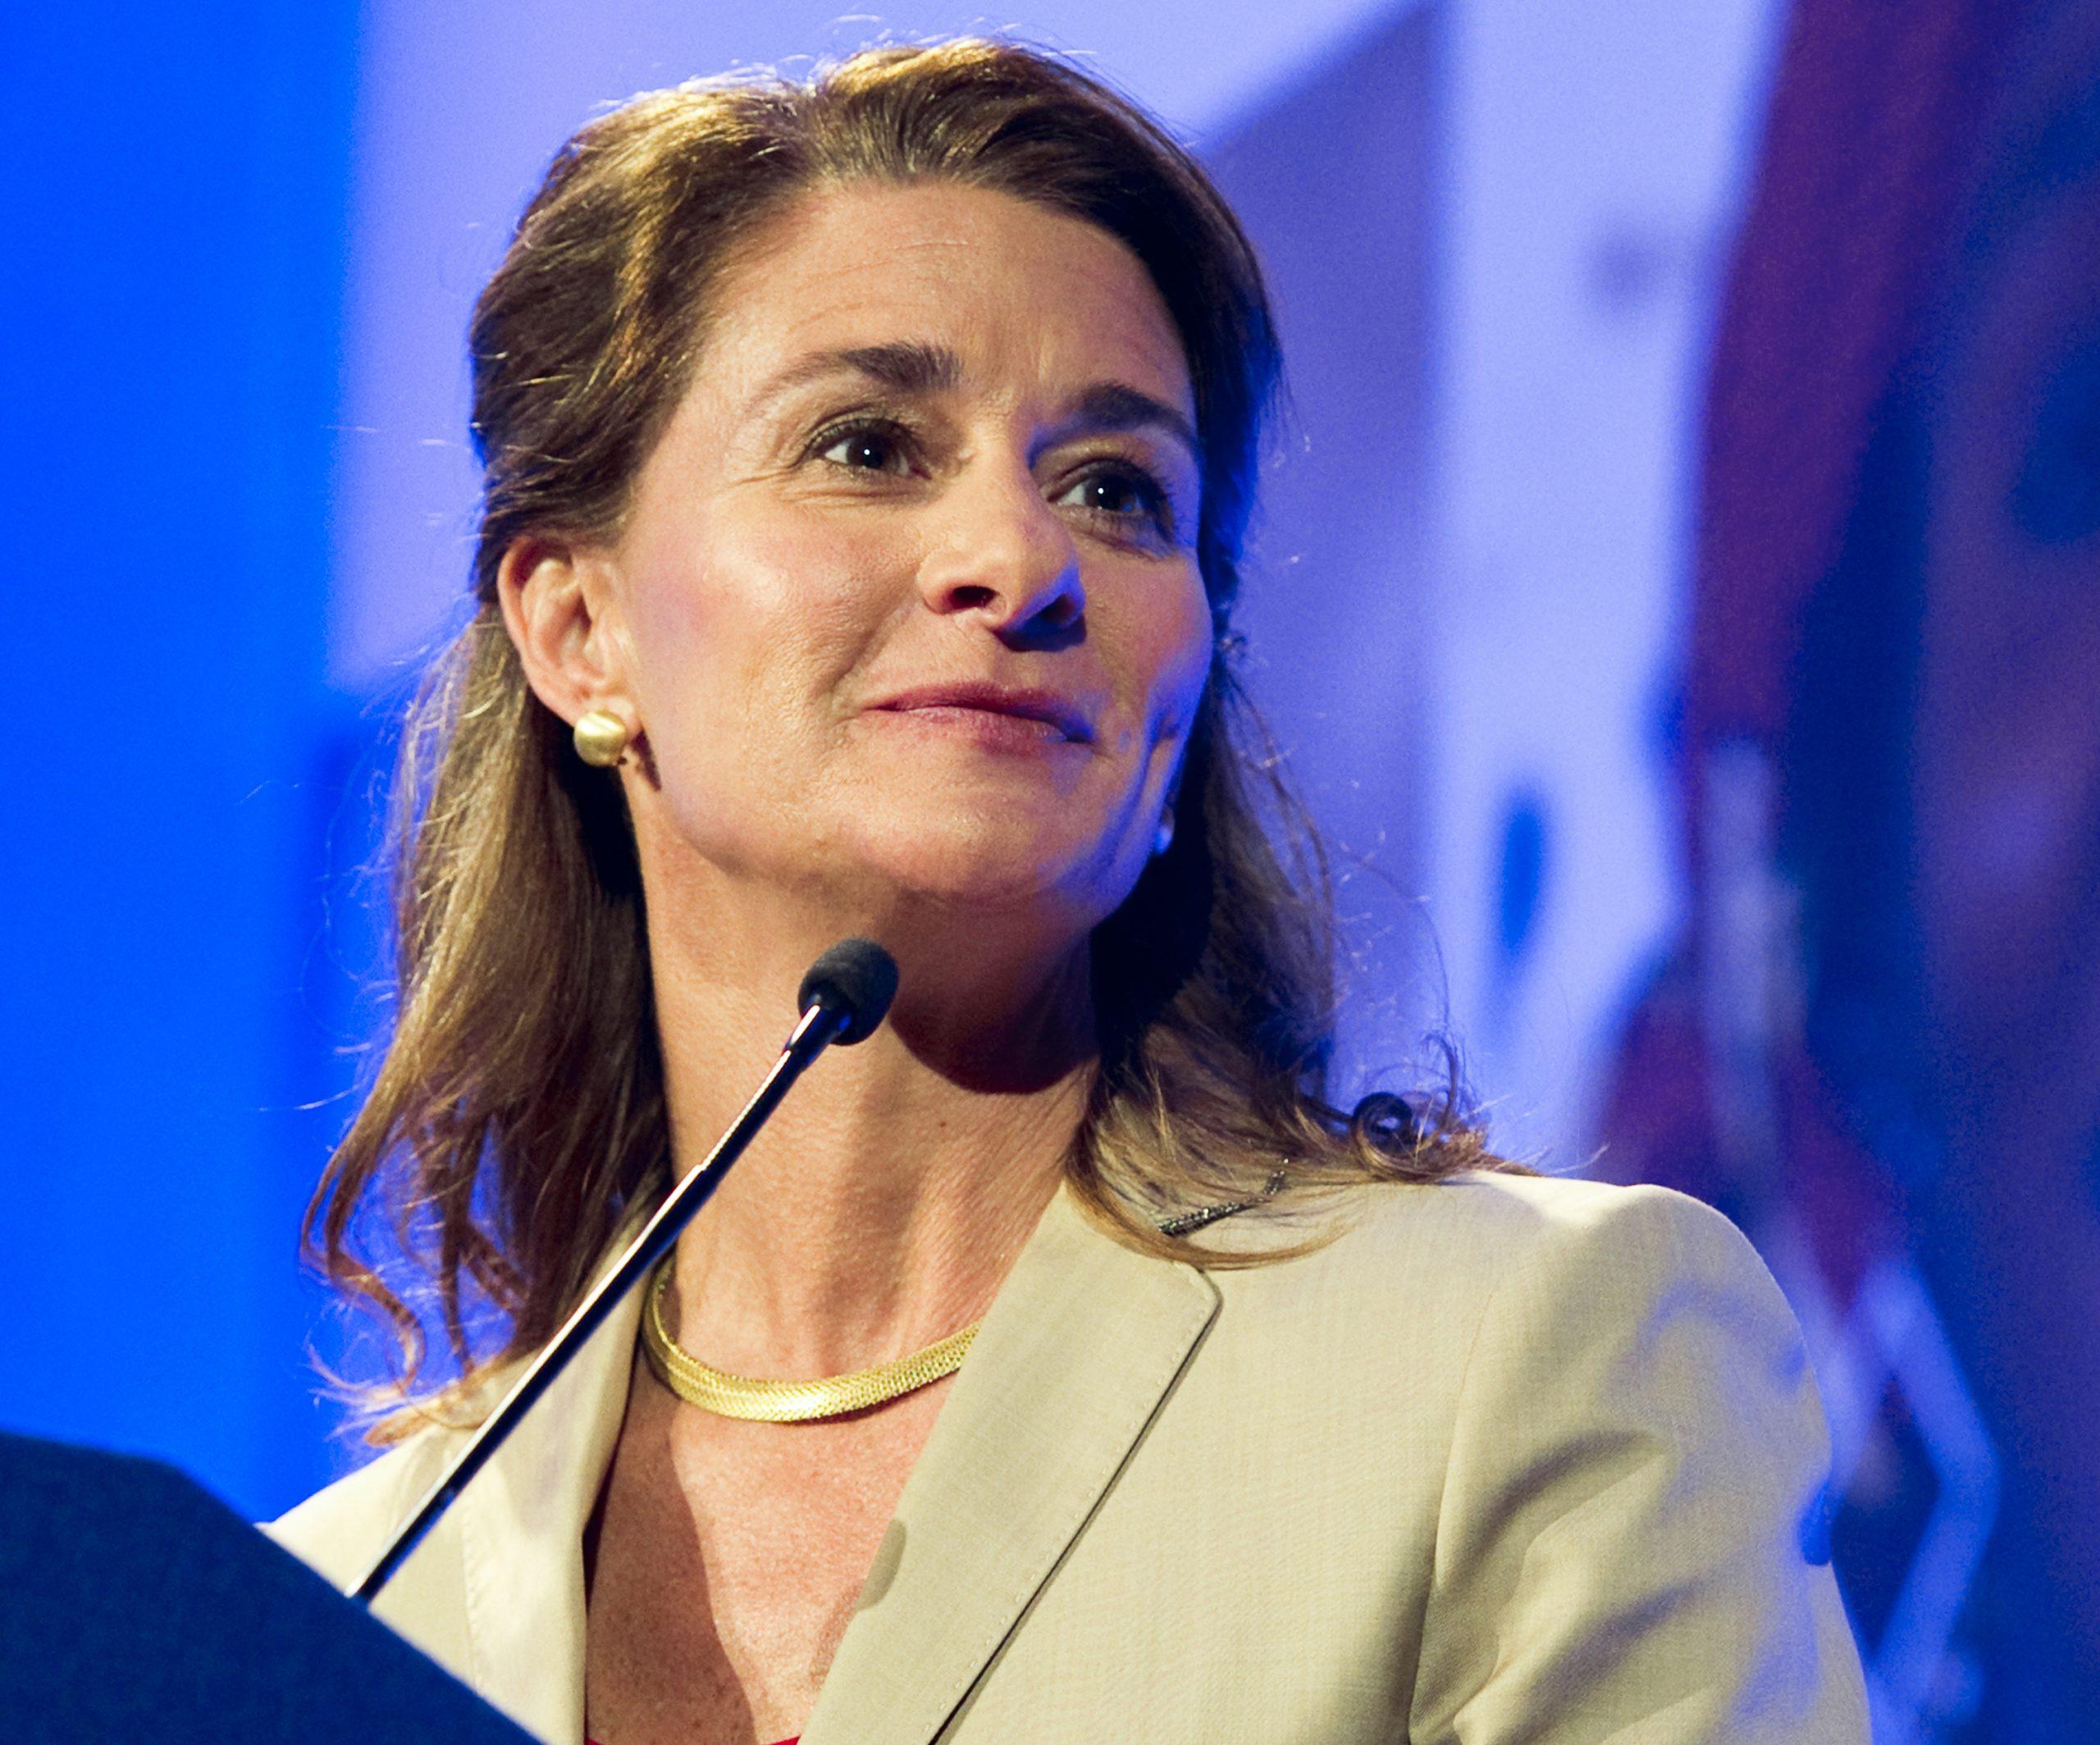 Melinda Gates net worth. 1